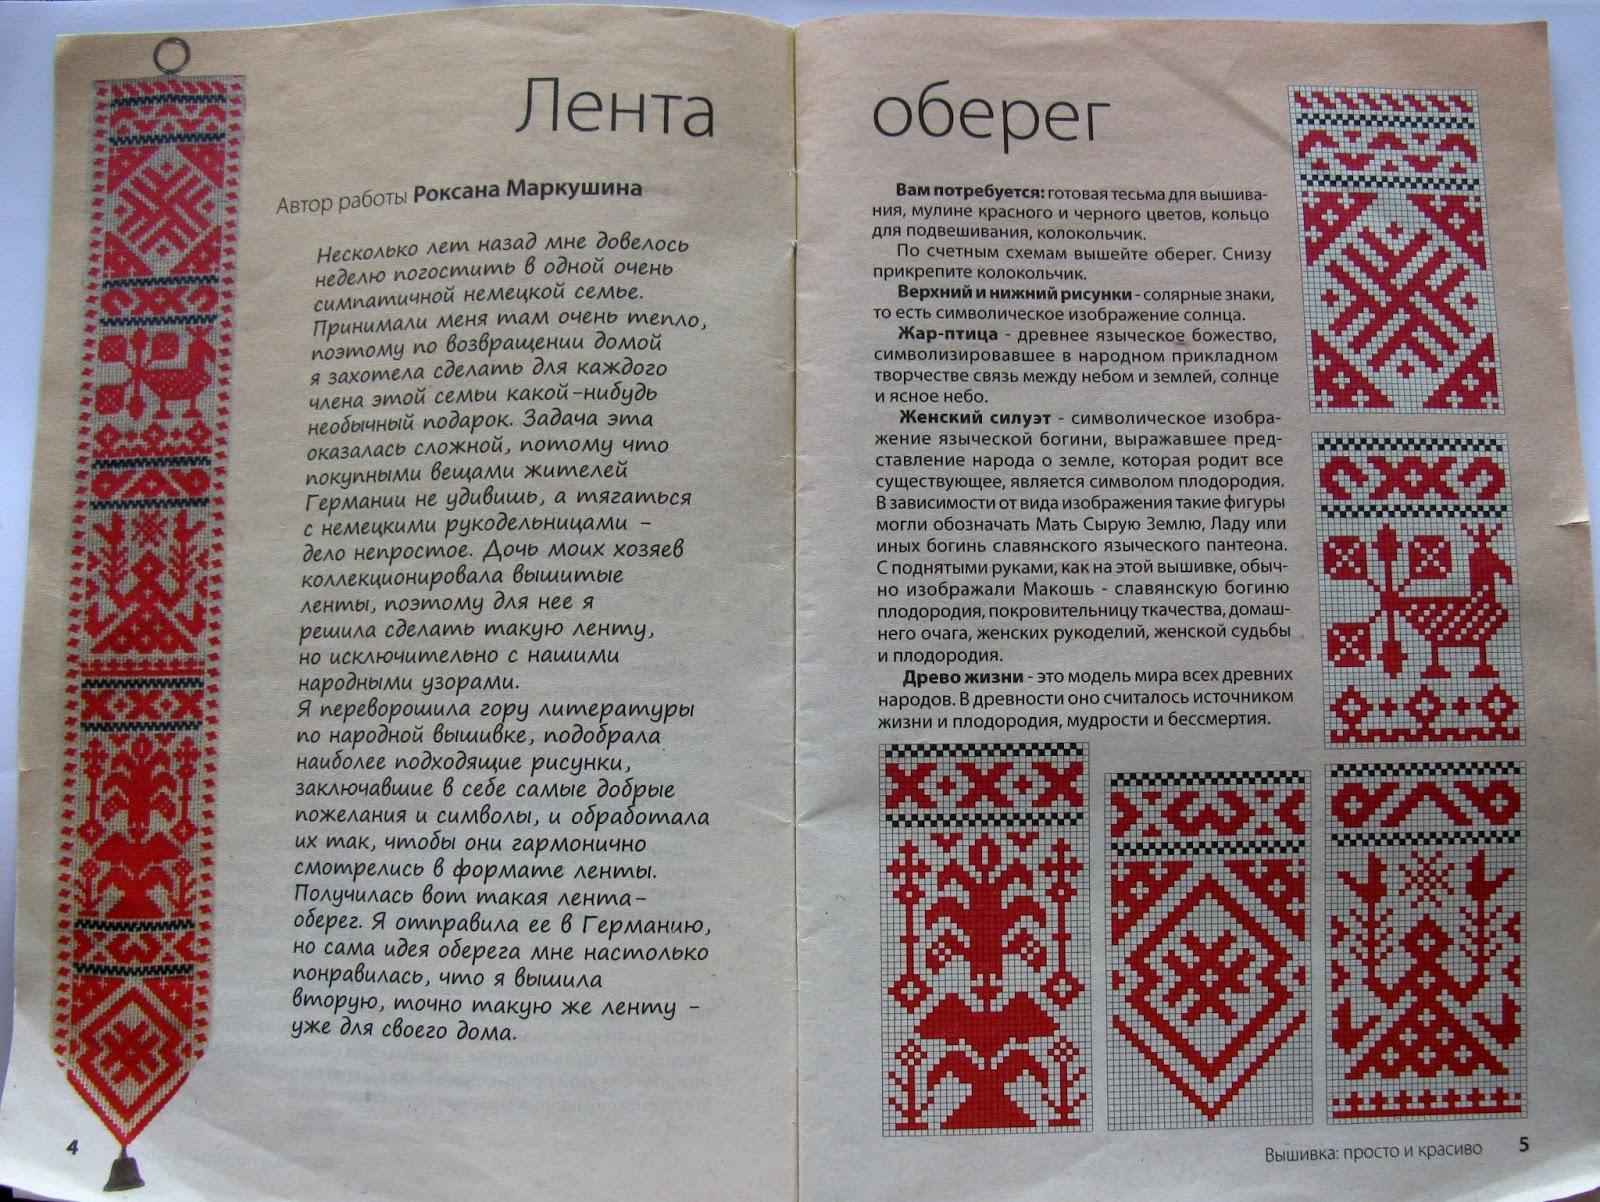 Славянские имена в вышивке